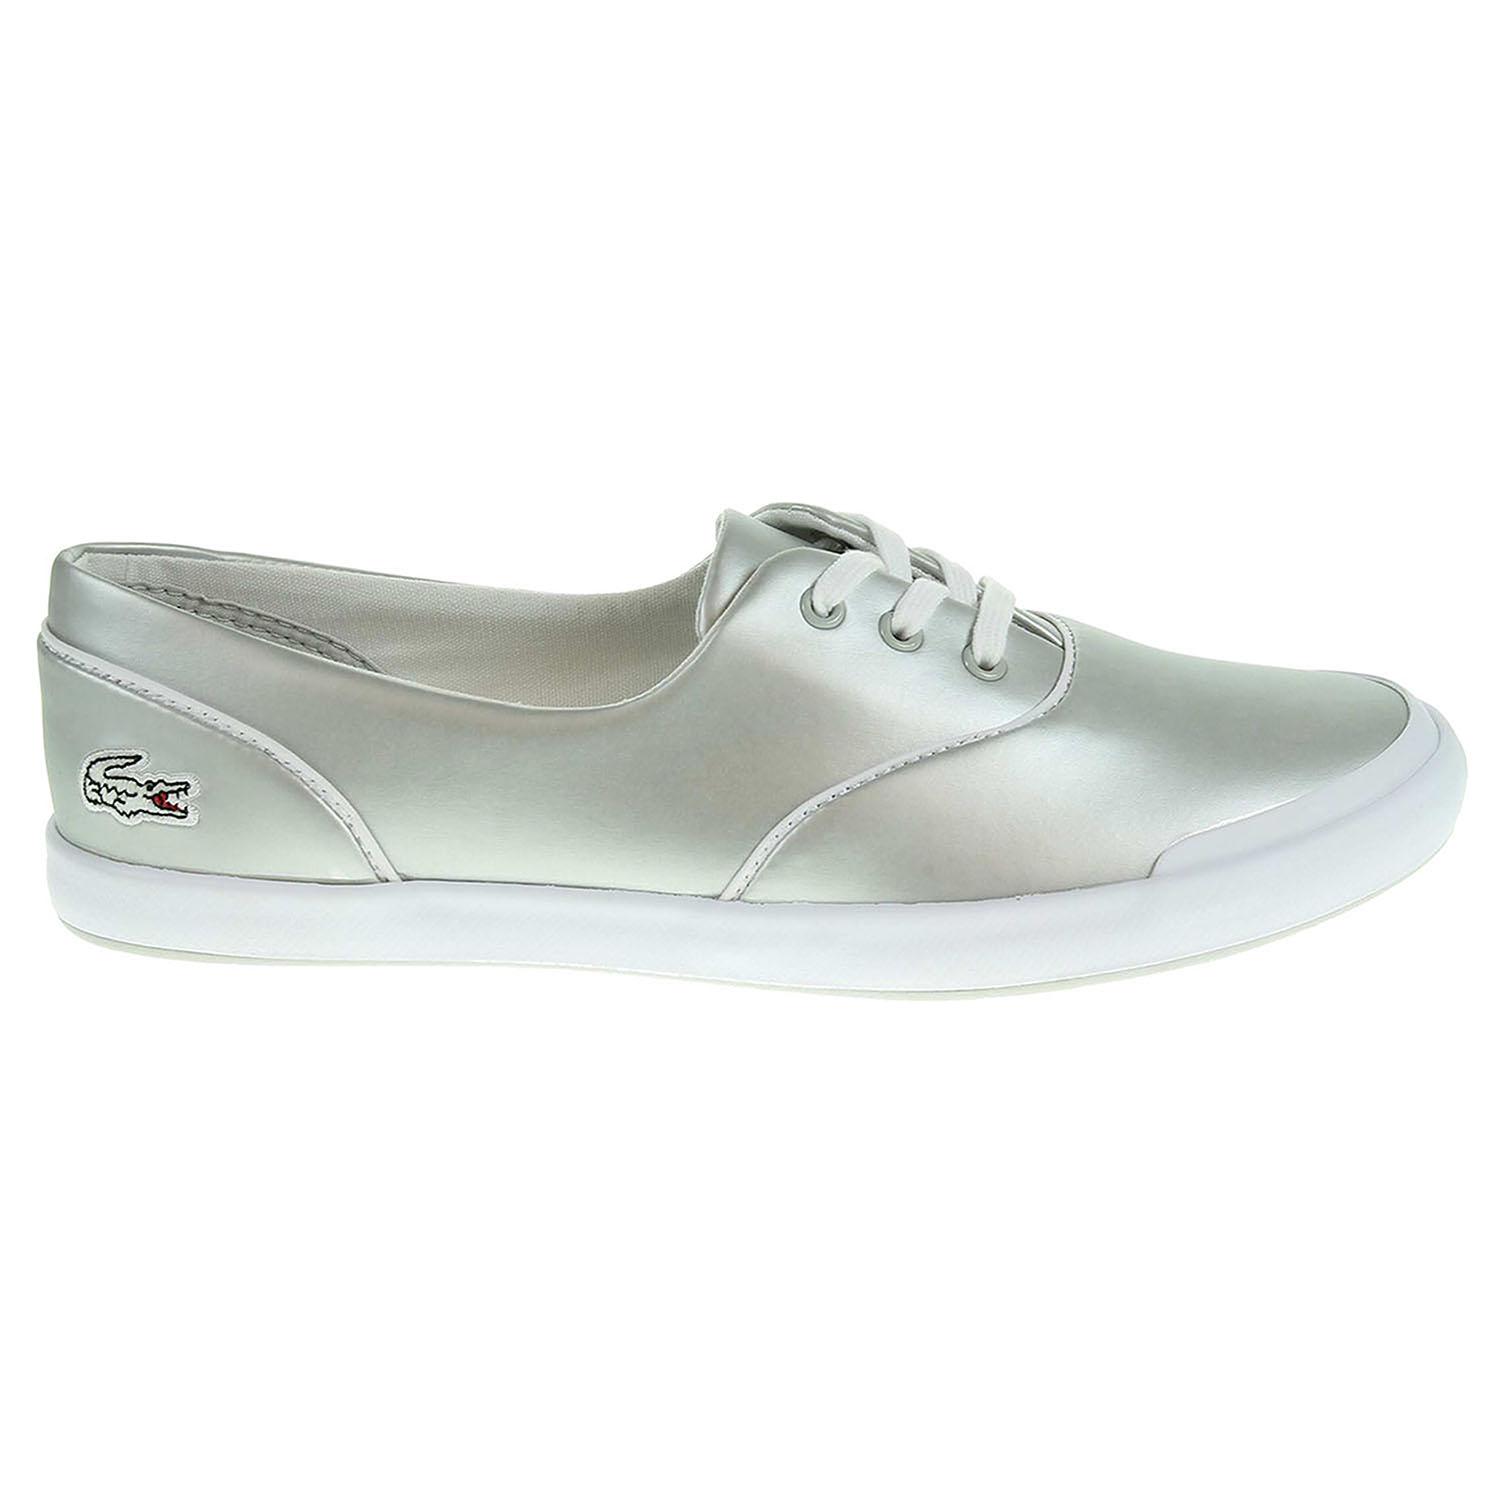 Ecco Lacoste Lancelle 3 Eye dámská obuv stříbrná 23200700 befc39ff28